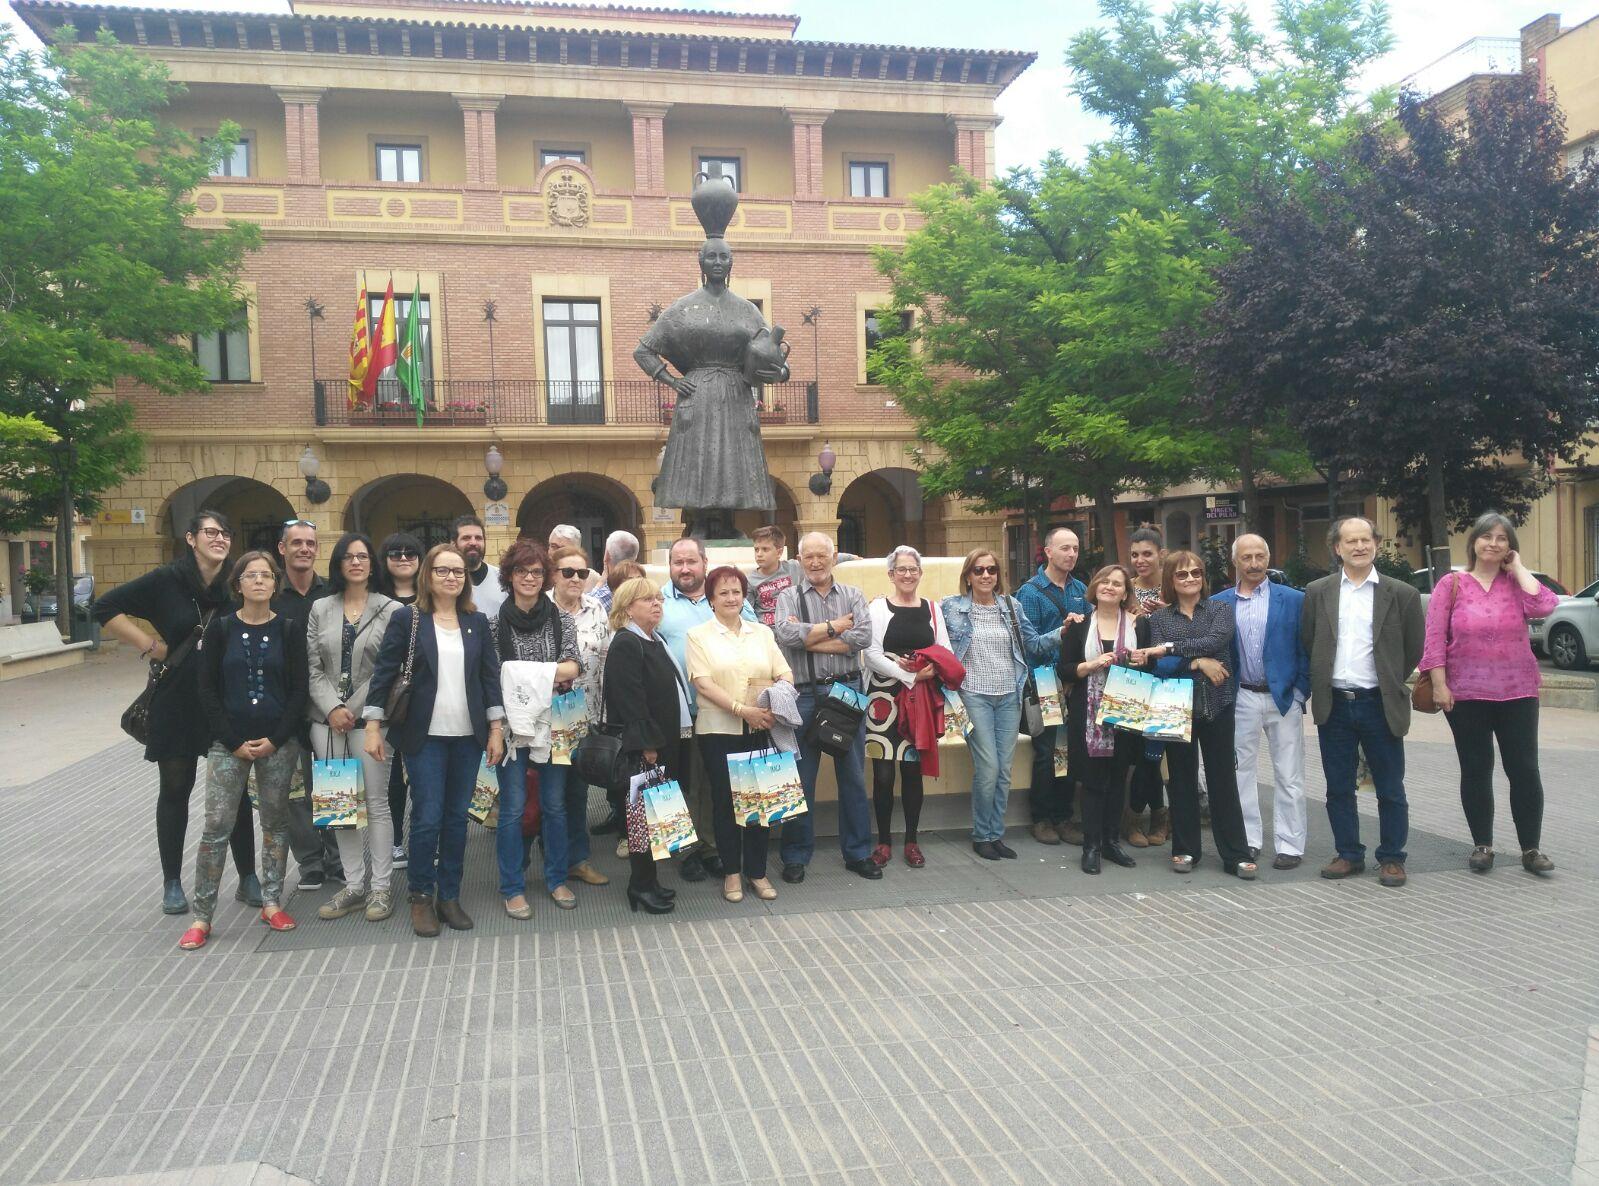 Coordinación de Entidades de Drogodependecias de la provincia de Huesca  en Fraga. mayo 2017.